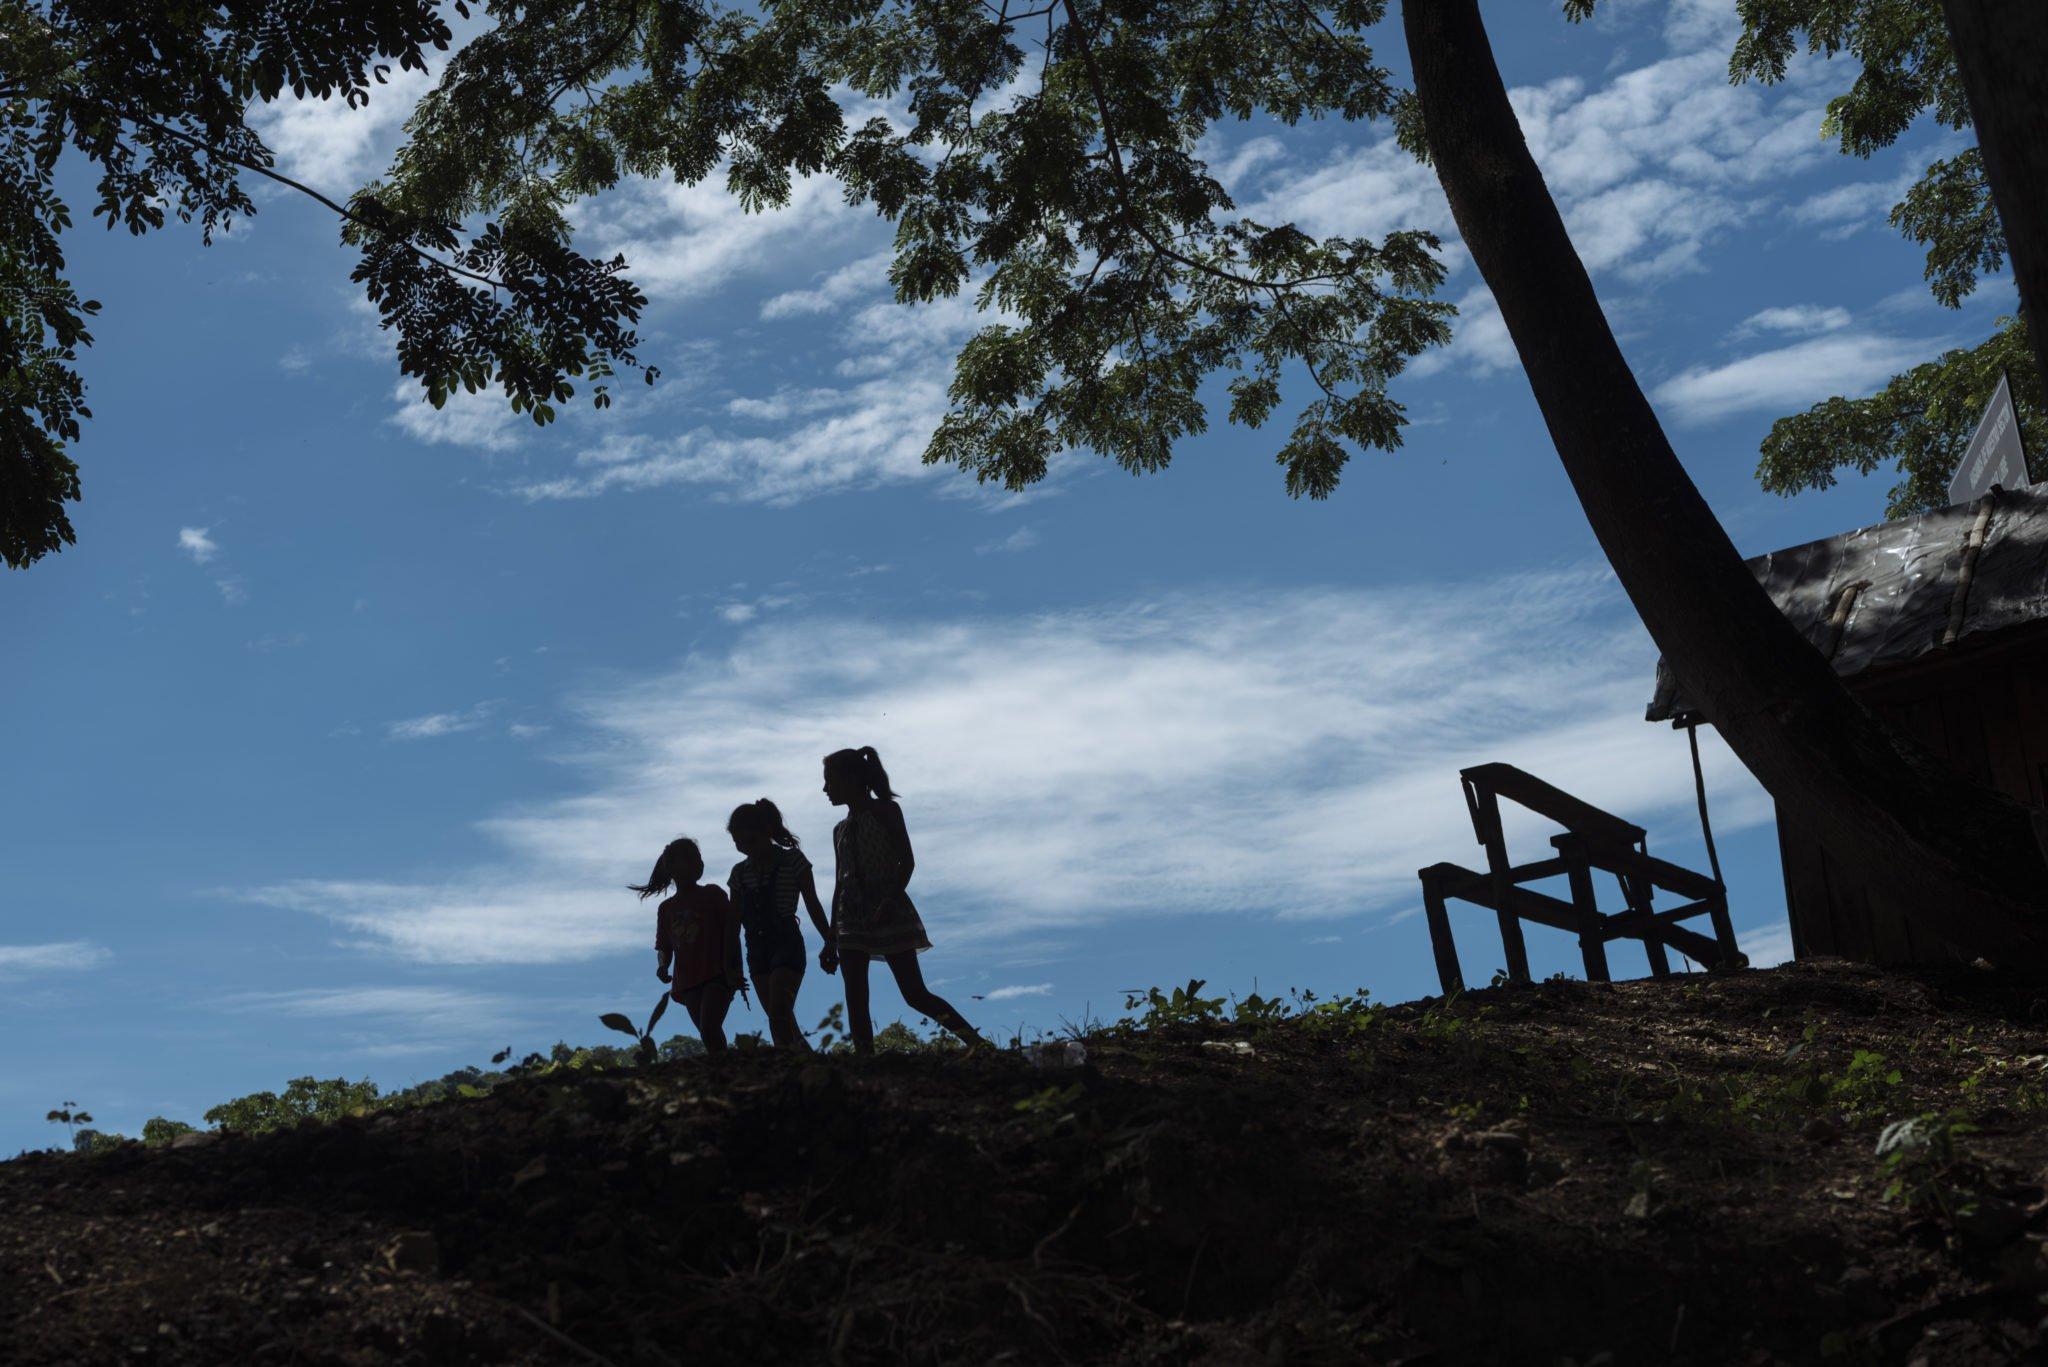 Elk jaar sterven 4.000 kinderen jonger dan 5 jaar in Ecuador